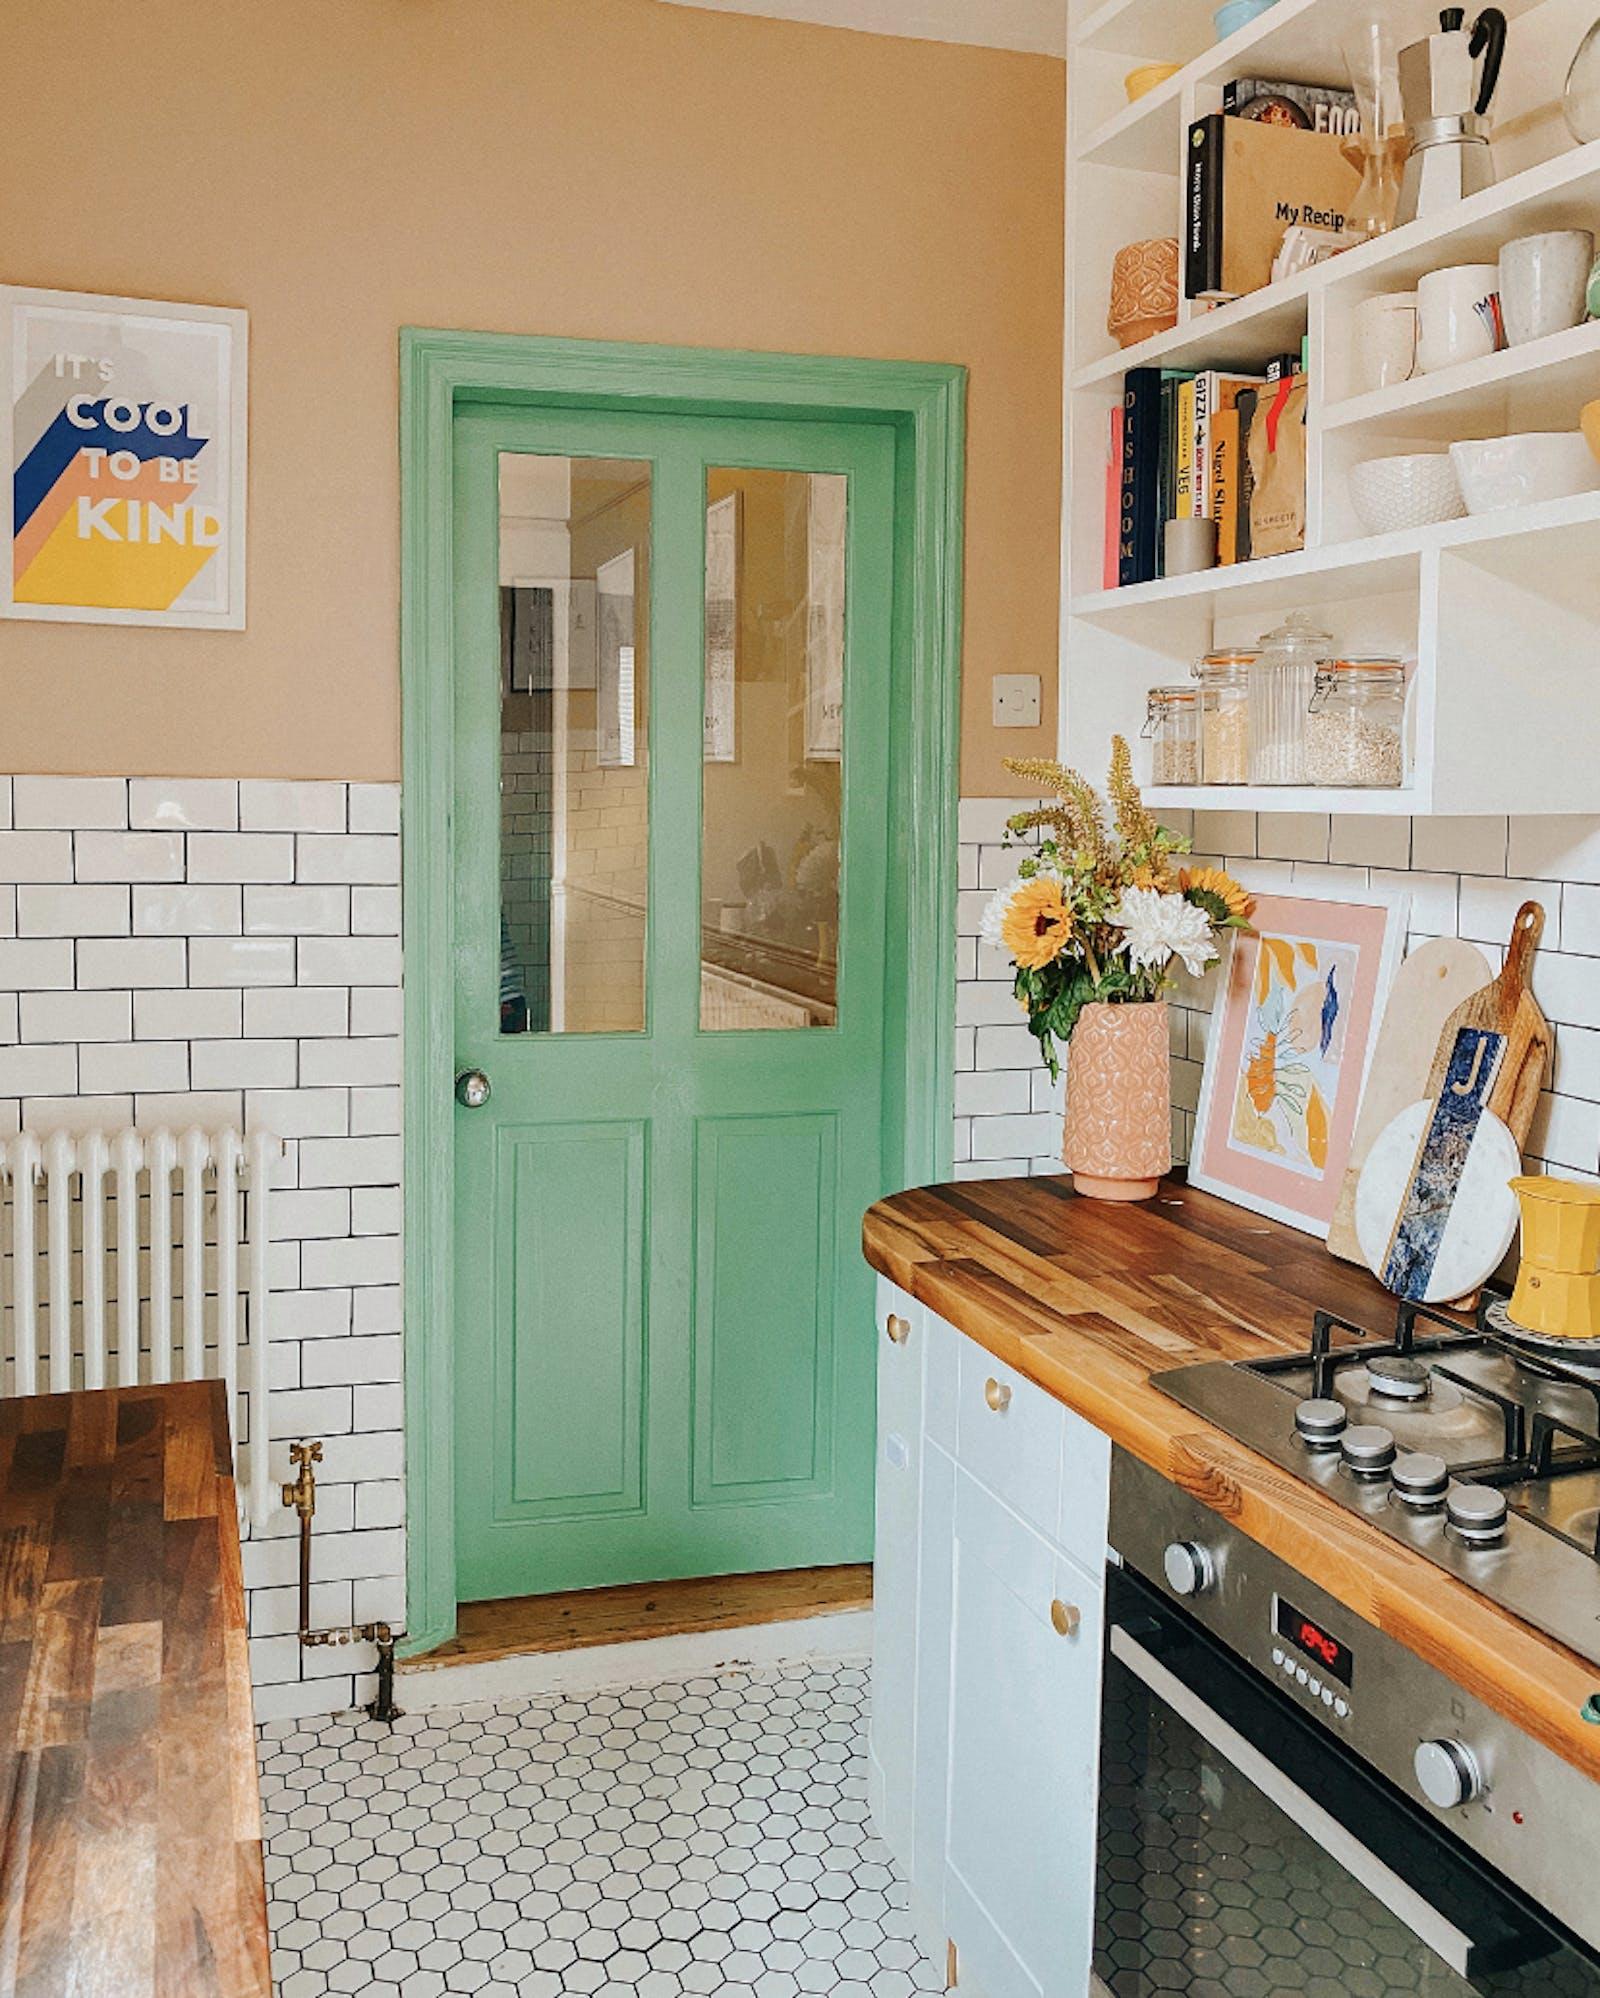 Vibrant green accent kitchen door